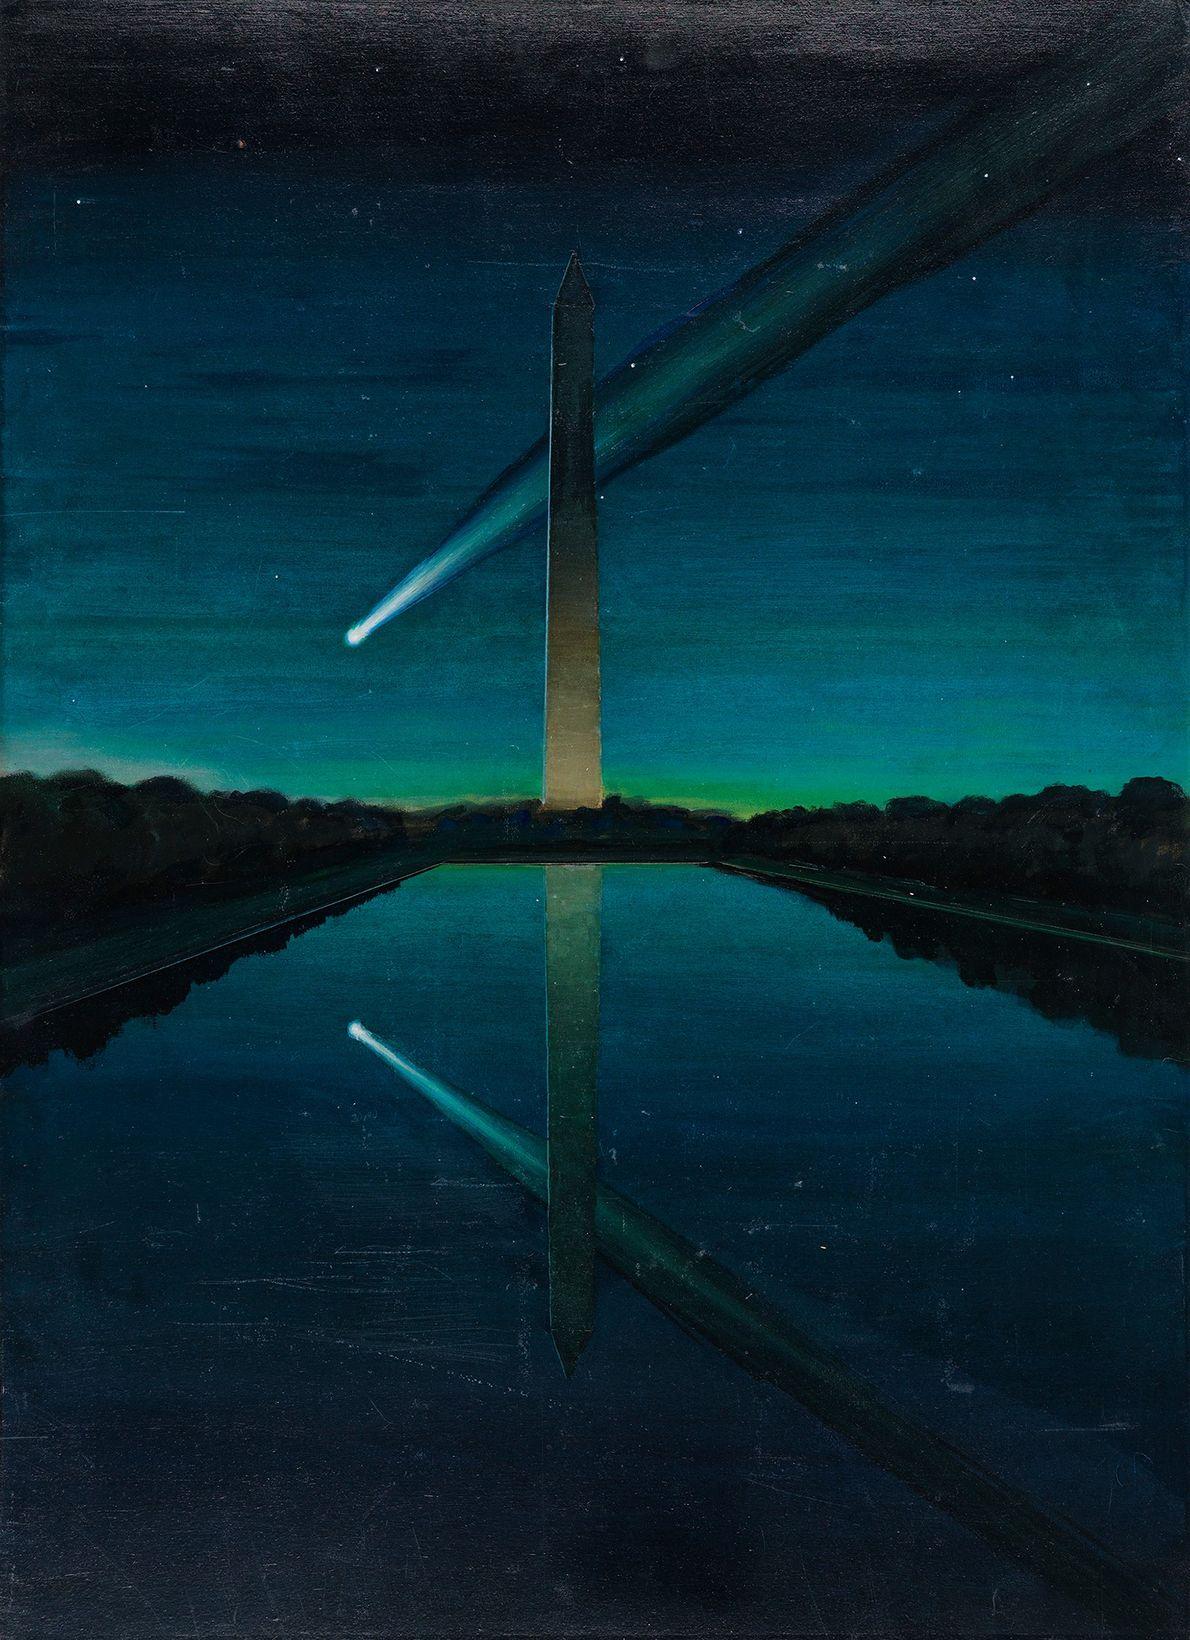 Ein Komet mit einem spektakulären Schweif scheint bei Sonnenaufgang hinter dem Washington Monument vorbeizuziehen.